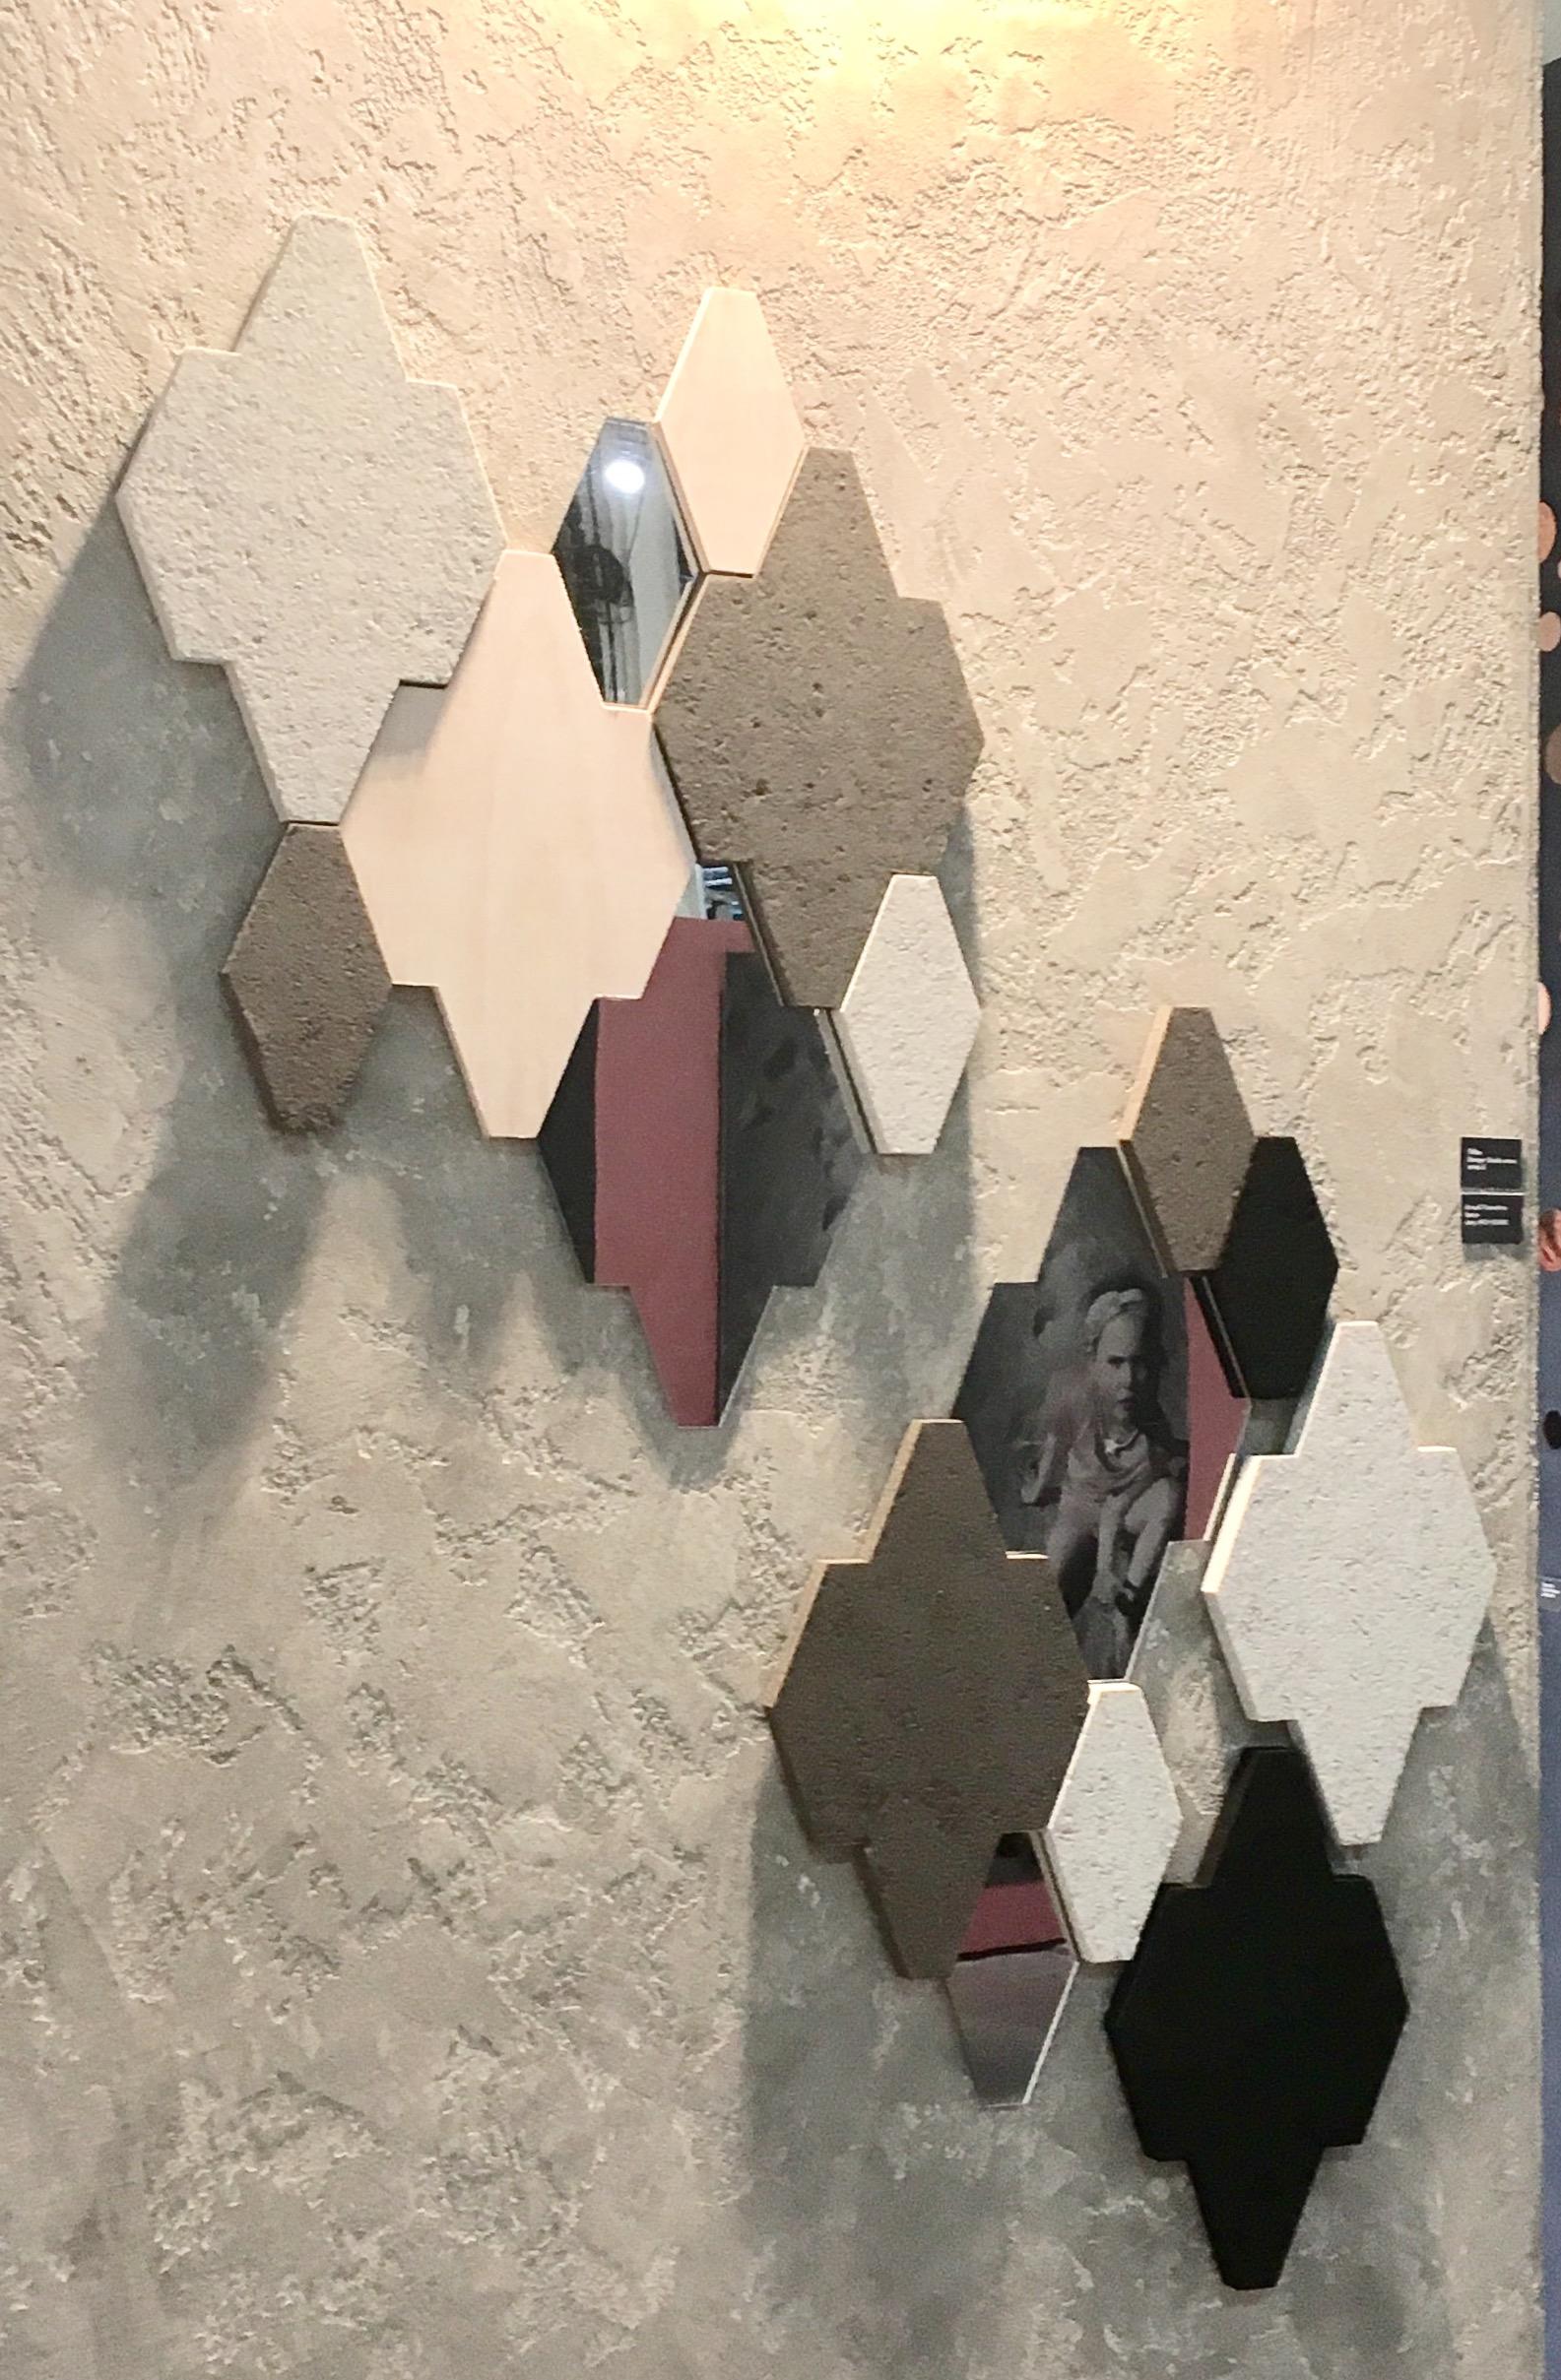 Akustilised plaadid Art4U näidisteboksis. Erineva värvitooni- ja materjaliviimistlusega